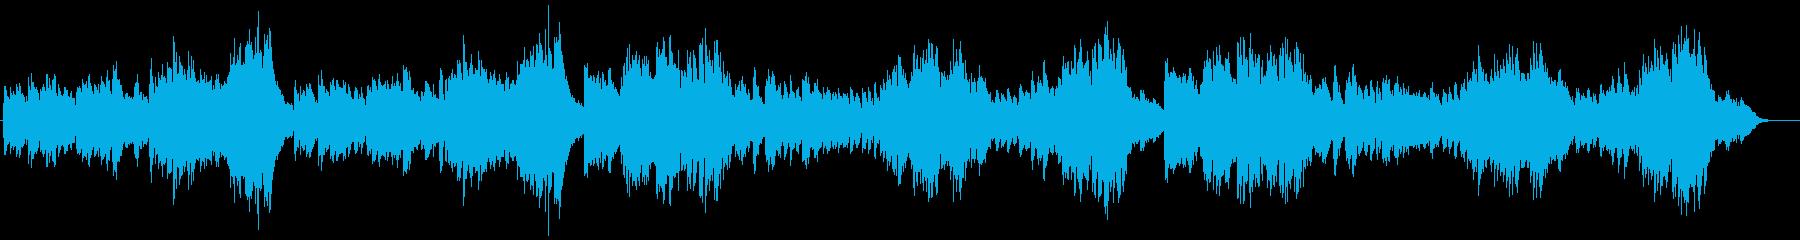 雨の日のティータイムに合いそうなピアノ曲の再生済みの波形